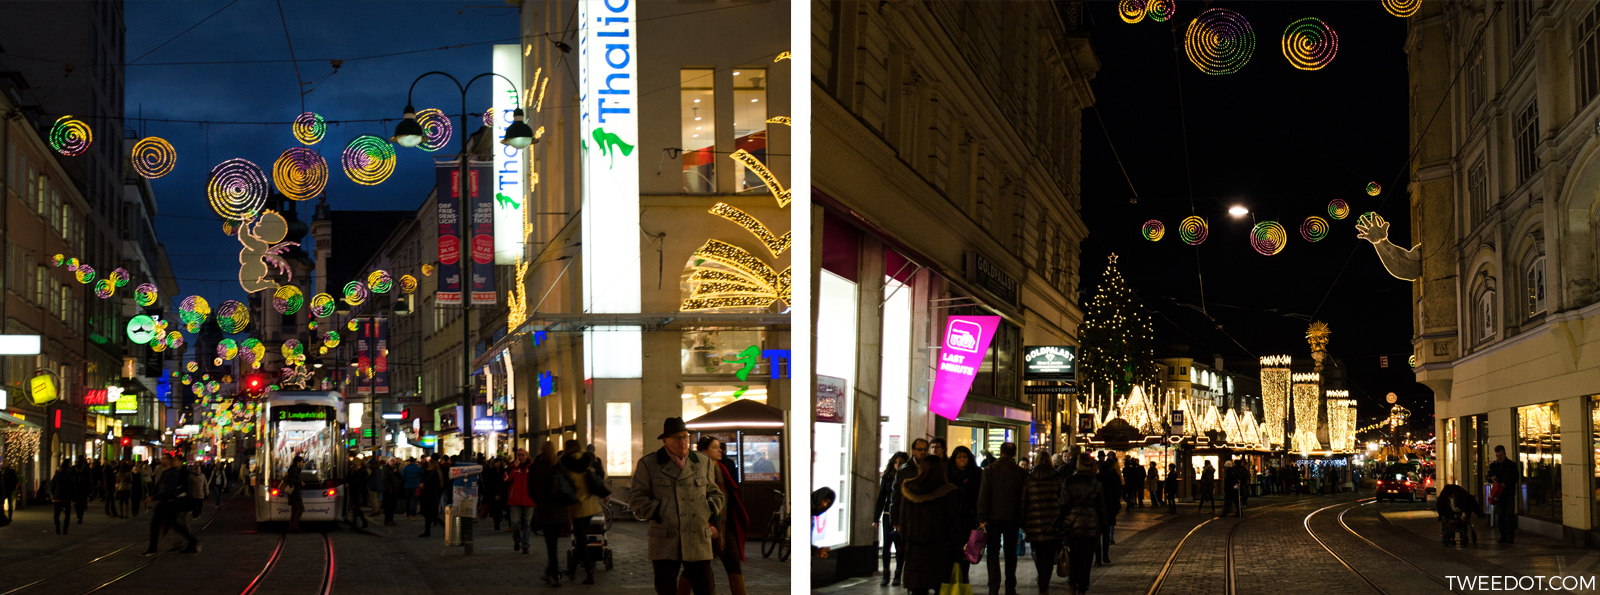 Tweedot - Natale in Austria - La Promenade nel Centro di Linz